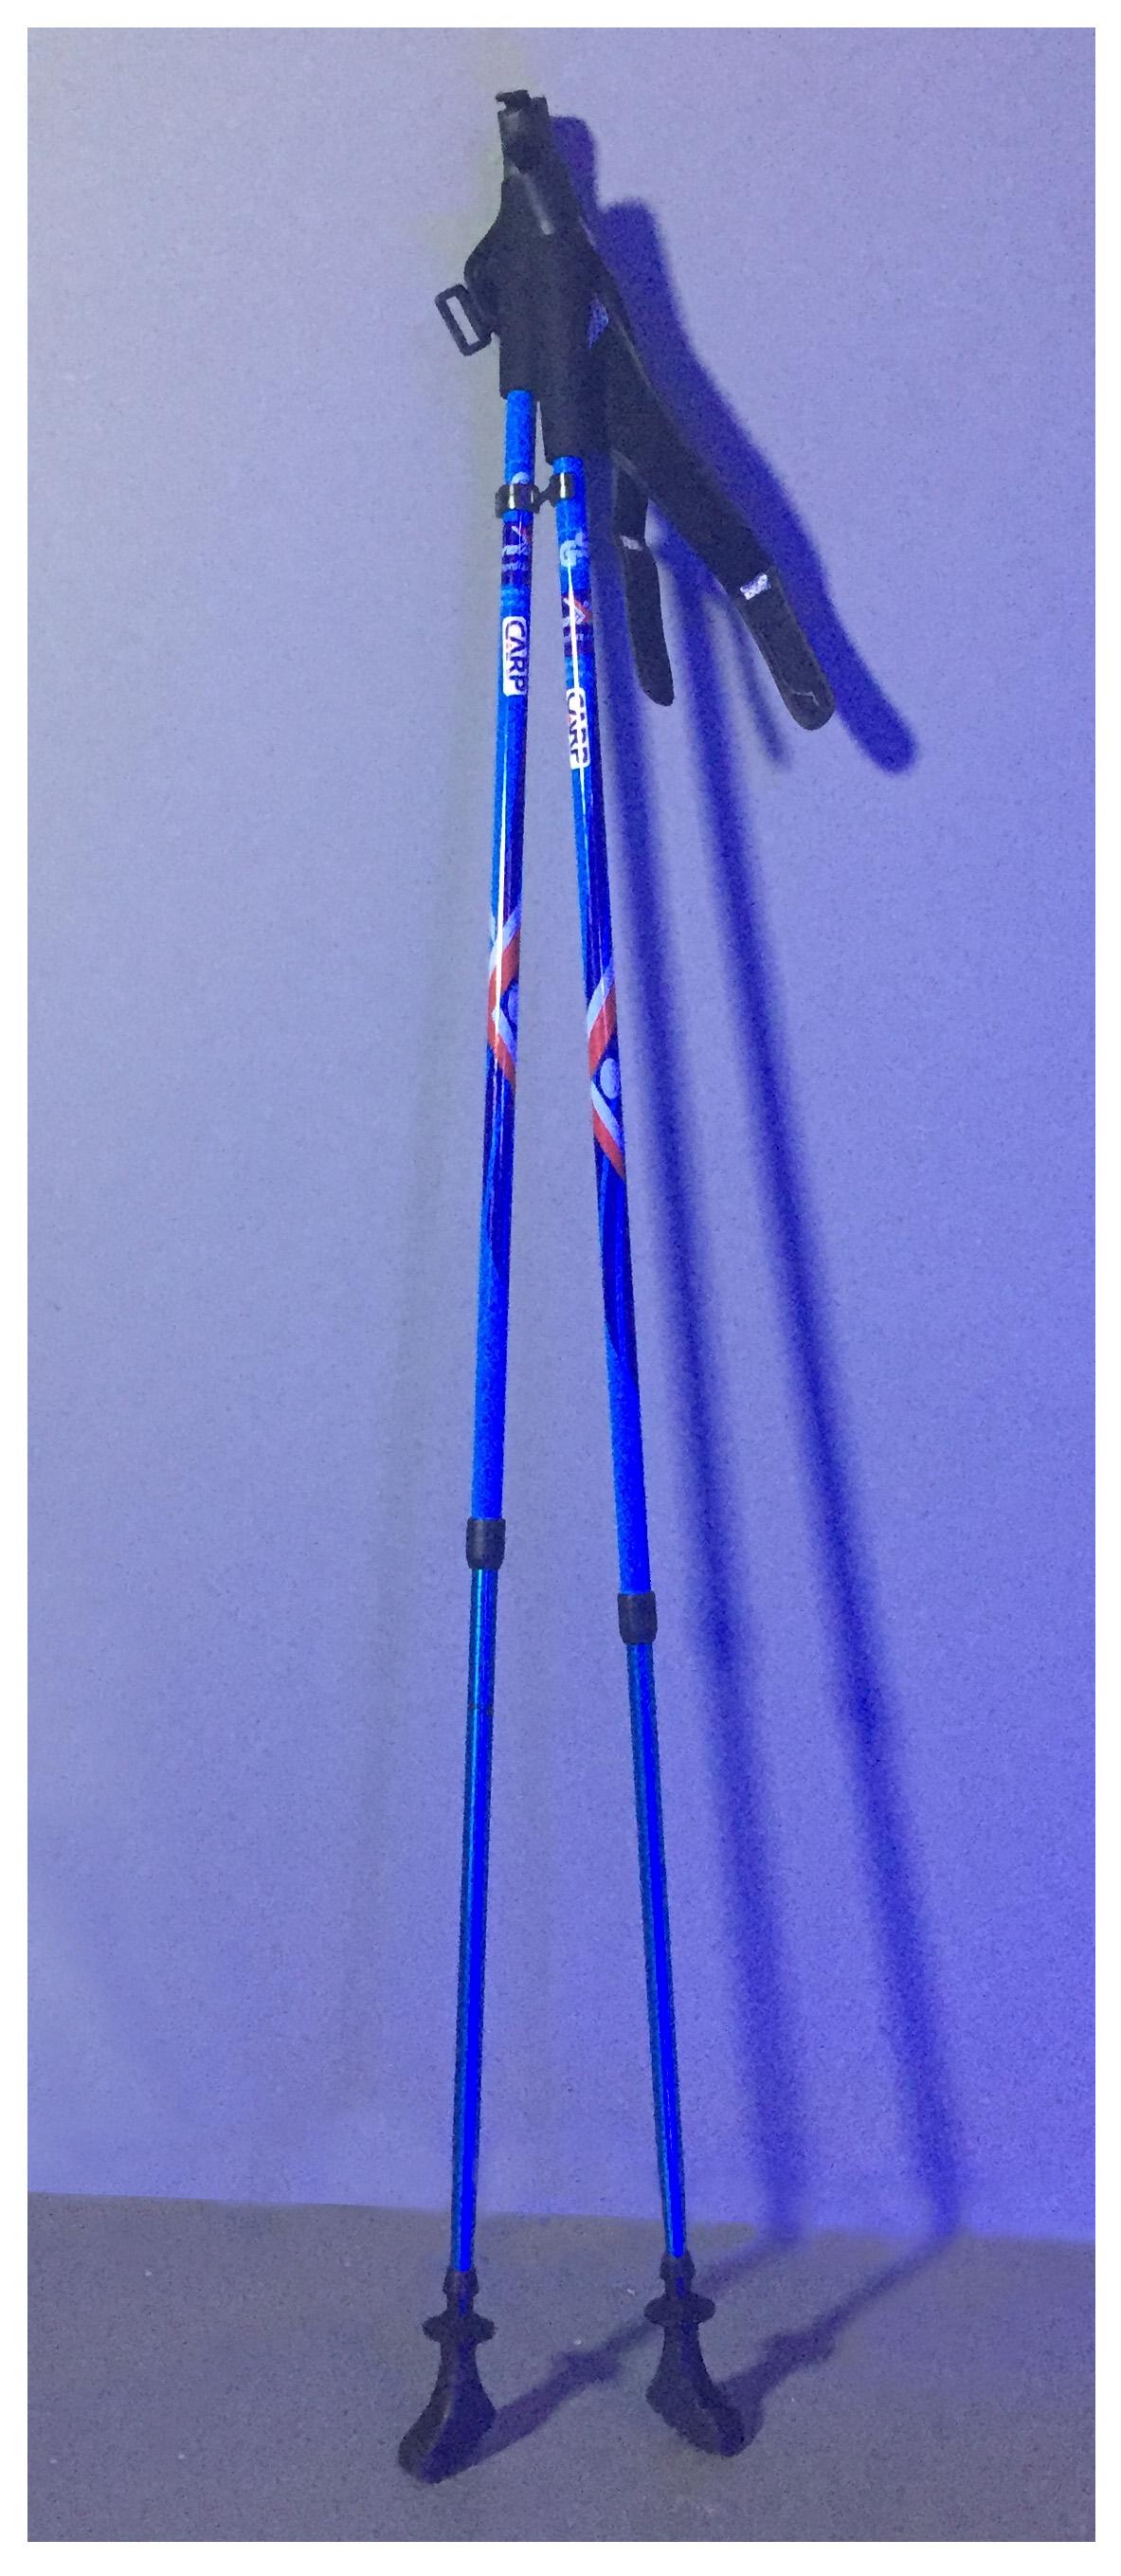 Nordic Walking Poles!